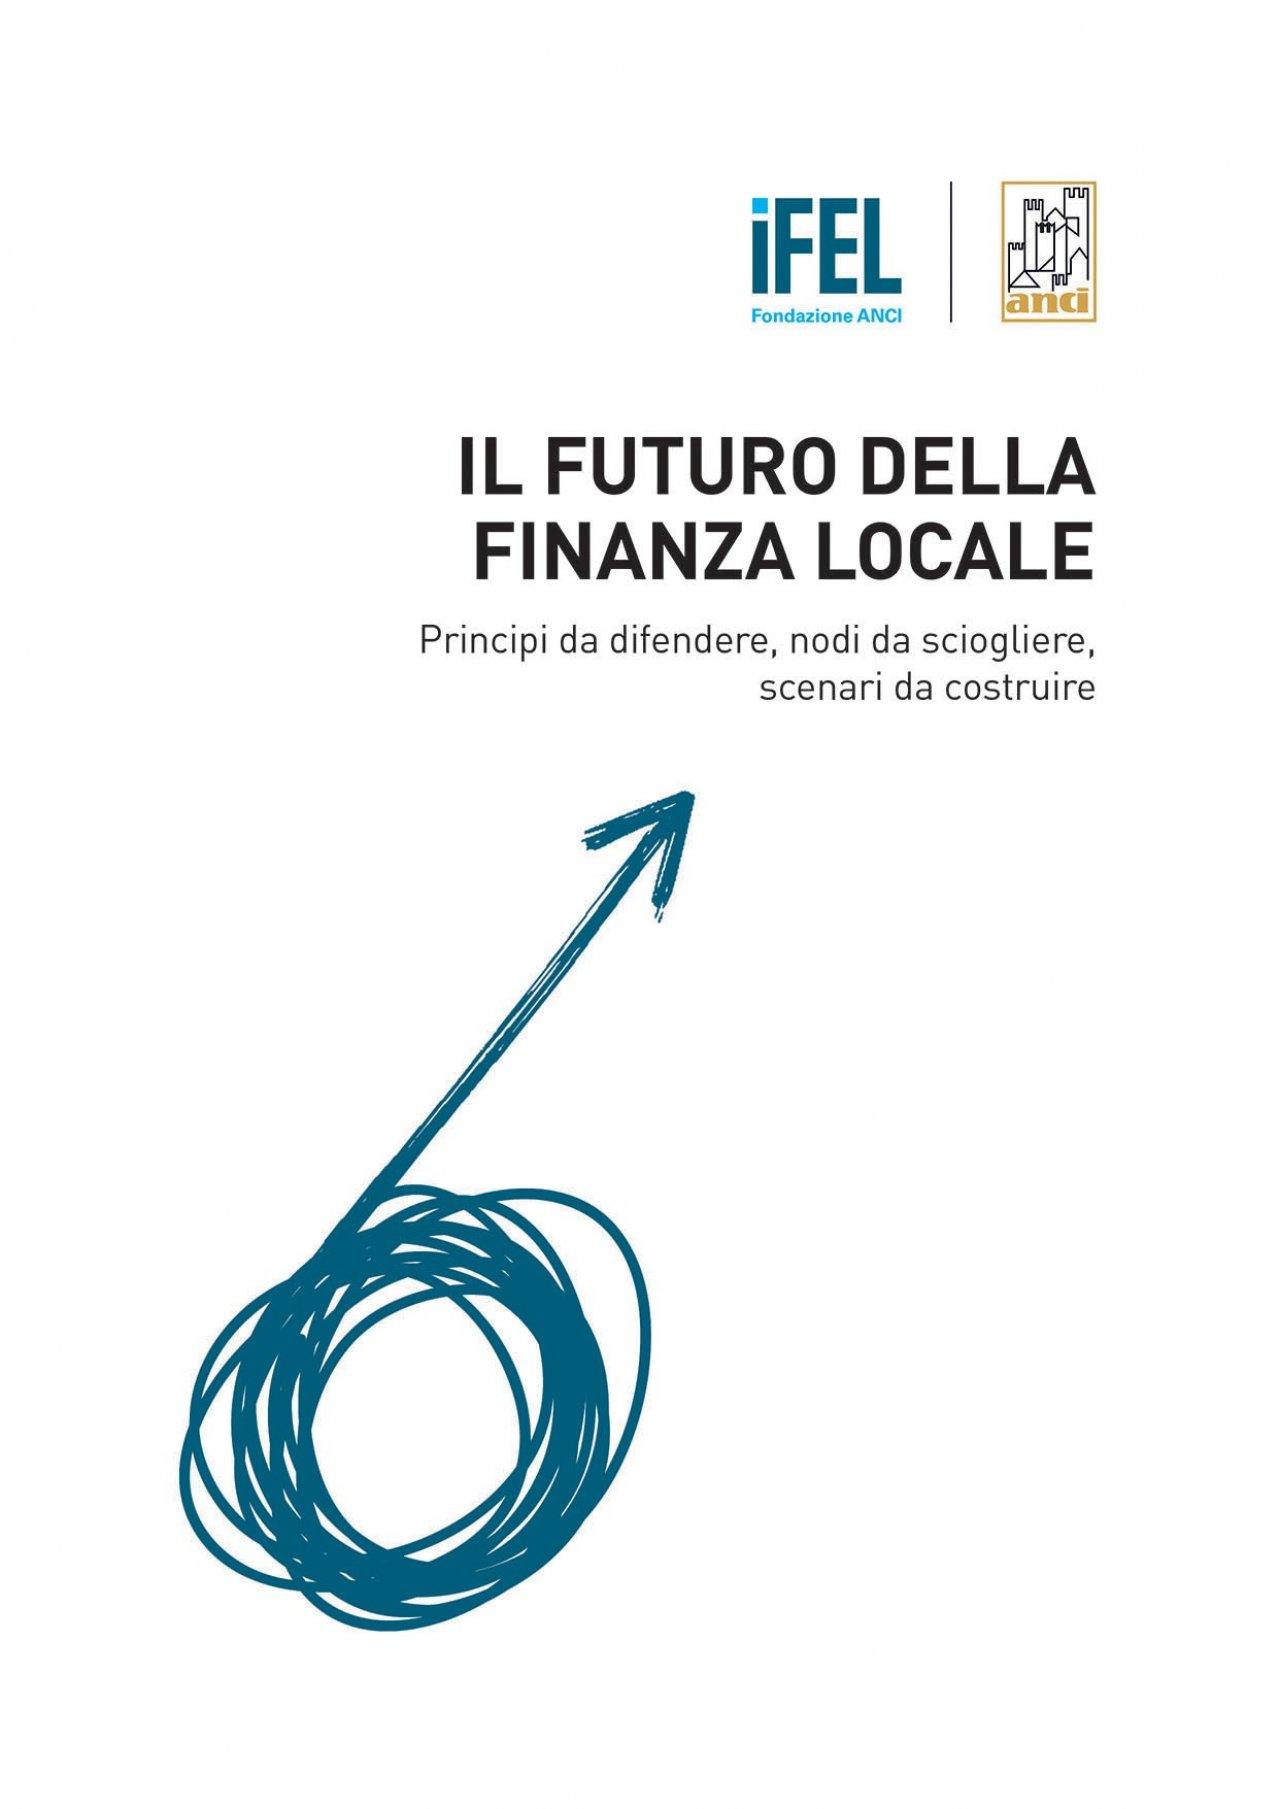 Il futuro della finanza locale. Principi da difendere, nodi da sciogliere, scenari da costruire